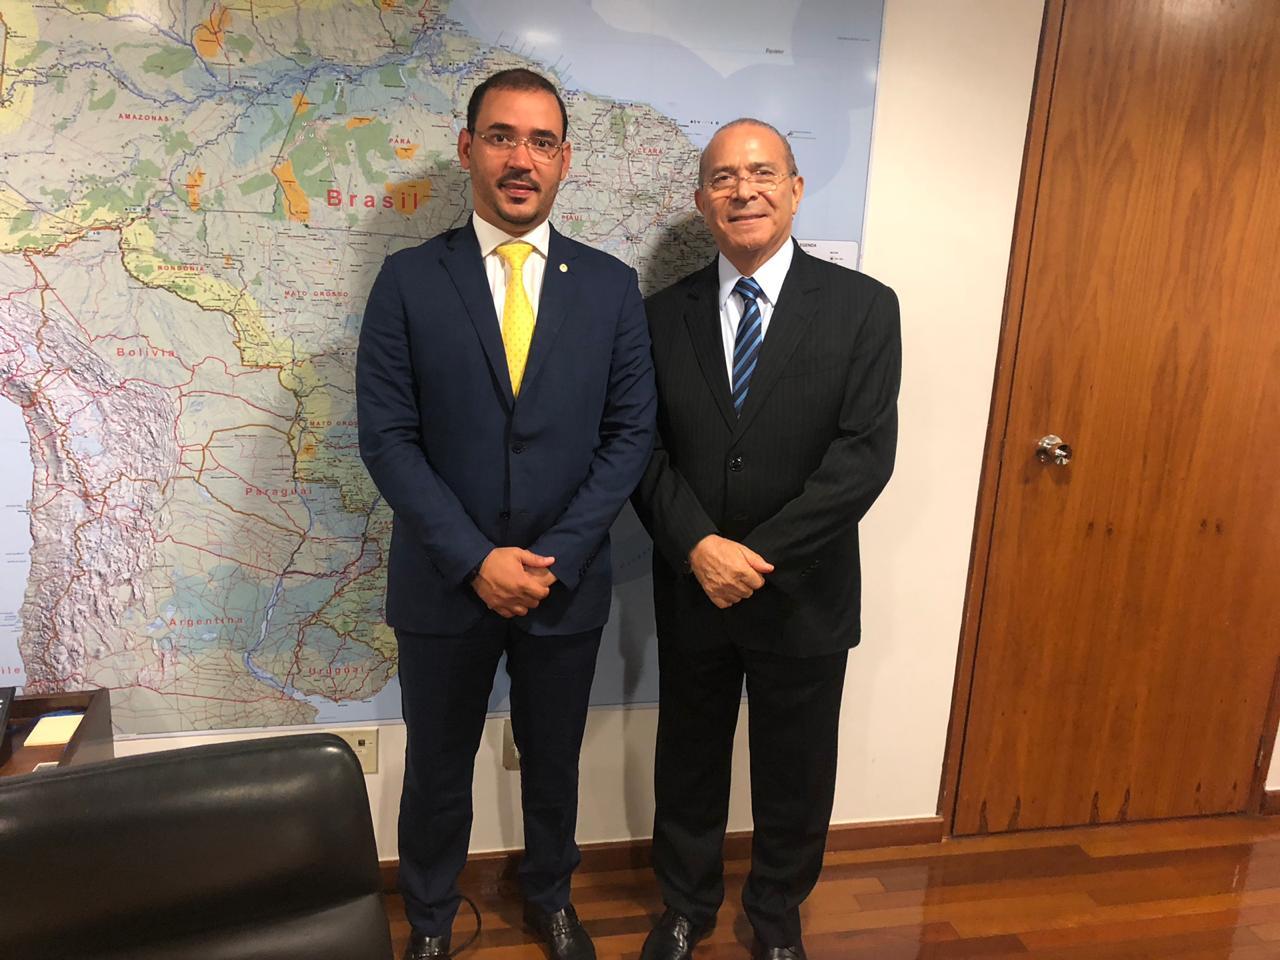 No Dia da Autonomia do Tocantins, deputado Vicentinho Júnior relembra liberação de recursos para a Capital